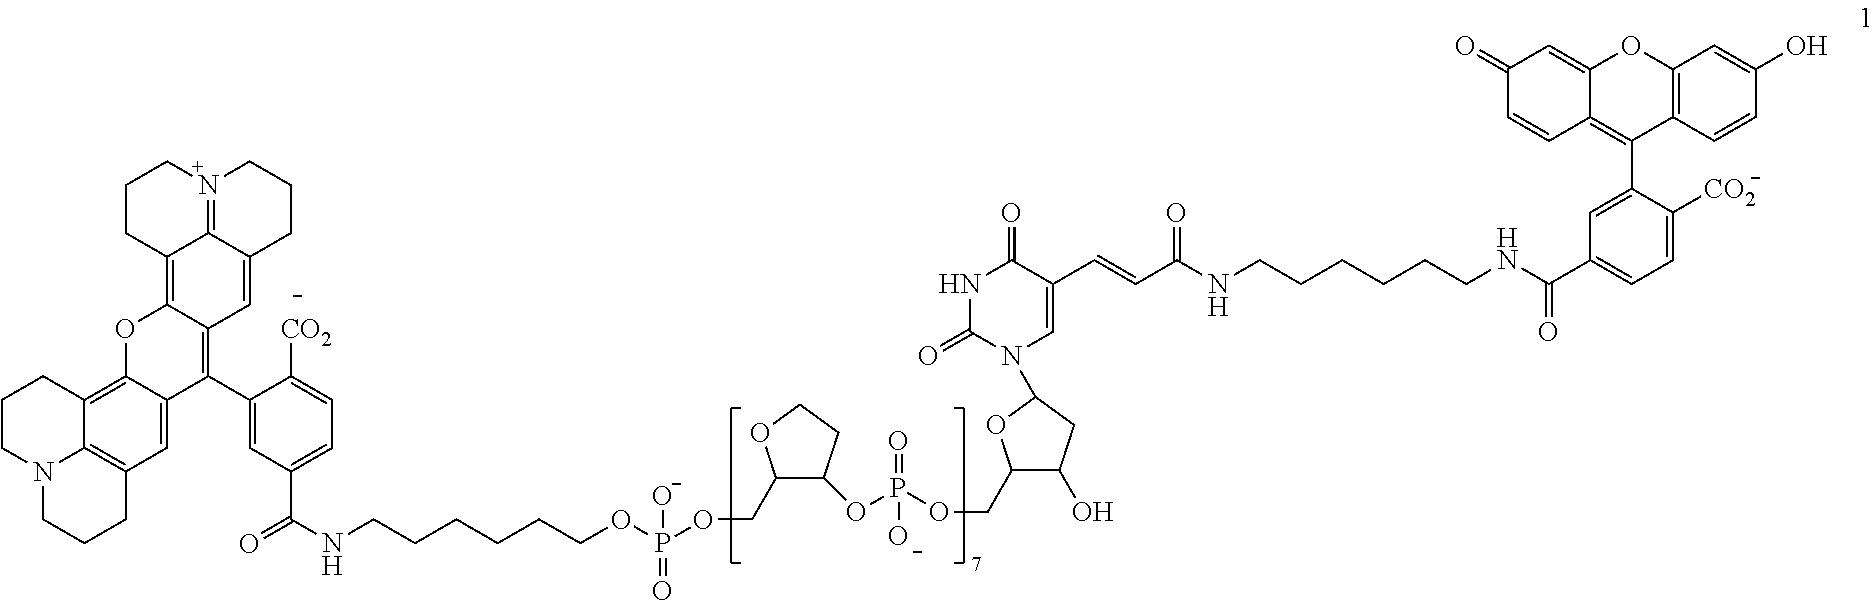 Figure US09085761-20150721-C00023